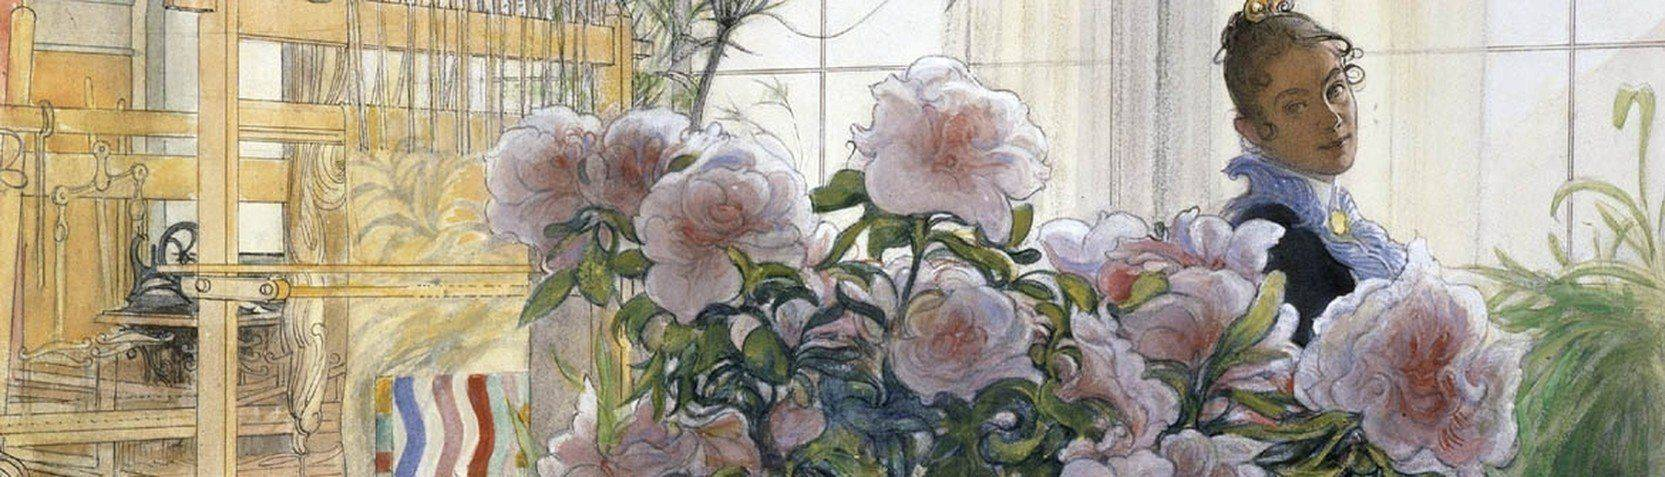 Künstler - Carl Larsson